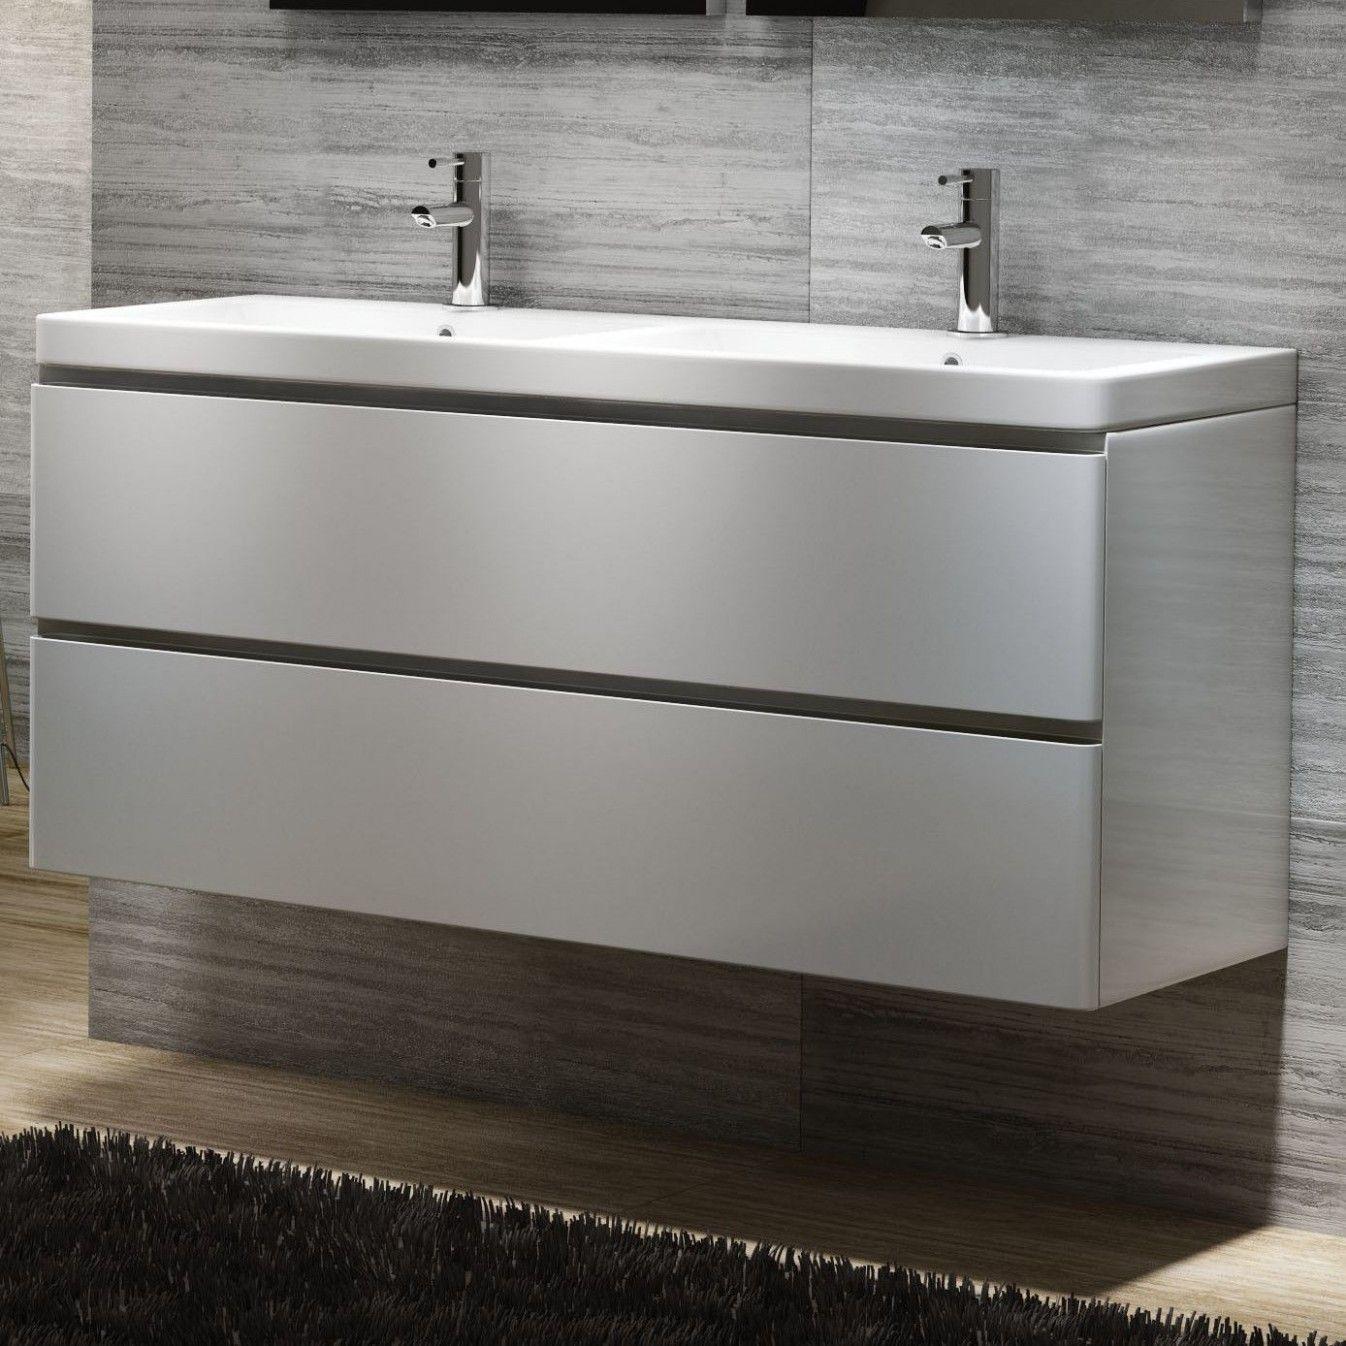 Wayfair Bathroom Vanity Units in 9  Bathroom vanity, Vanity